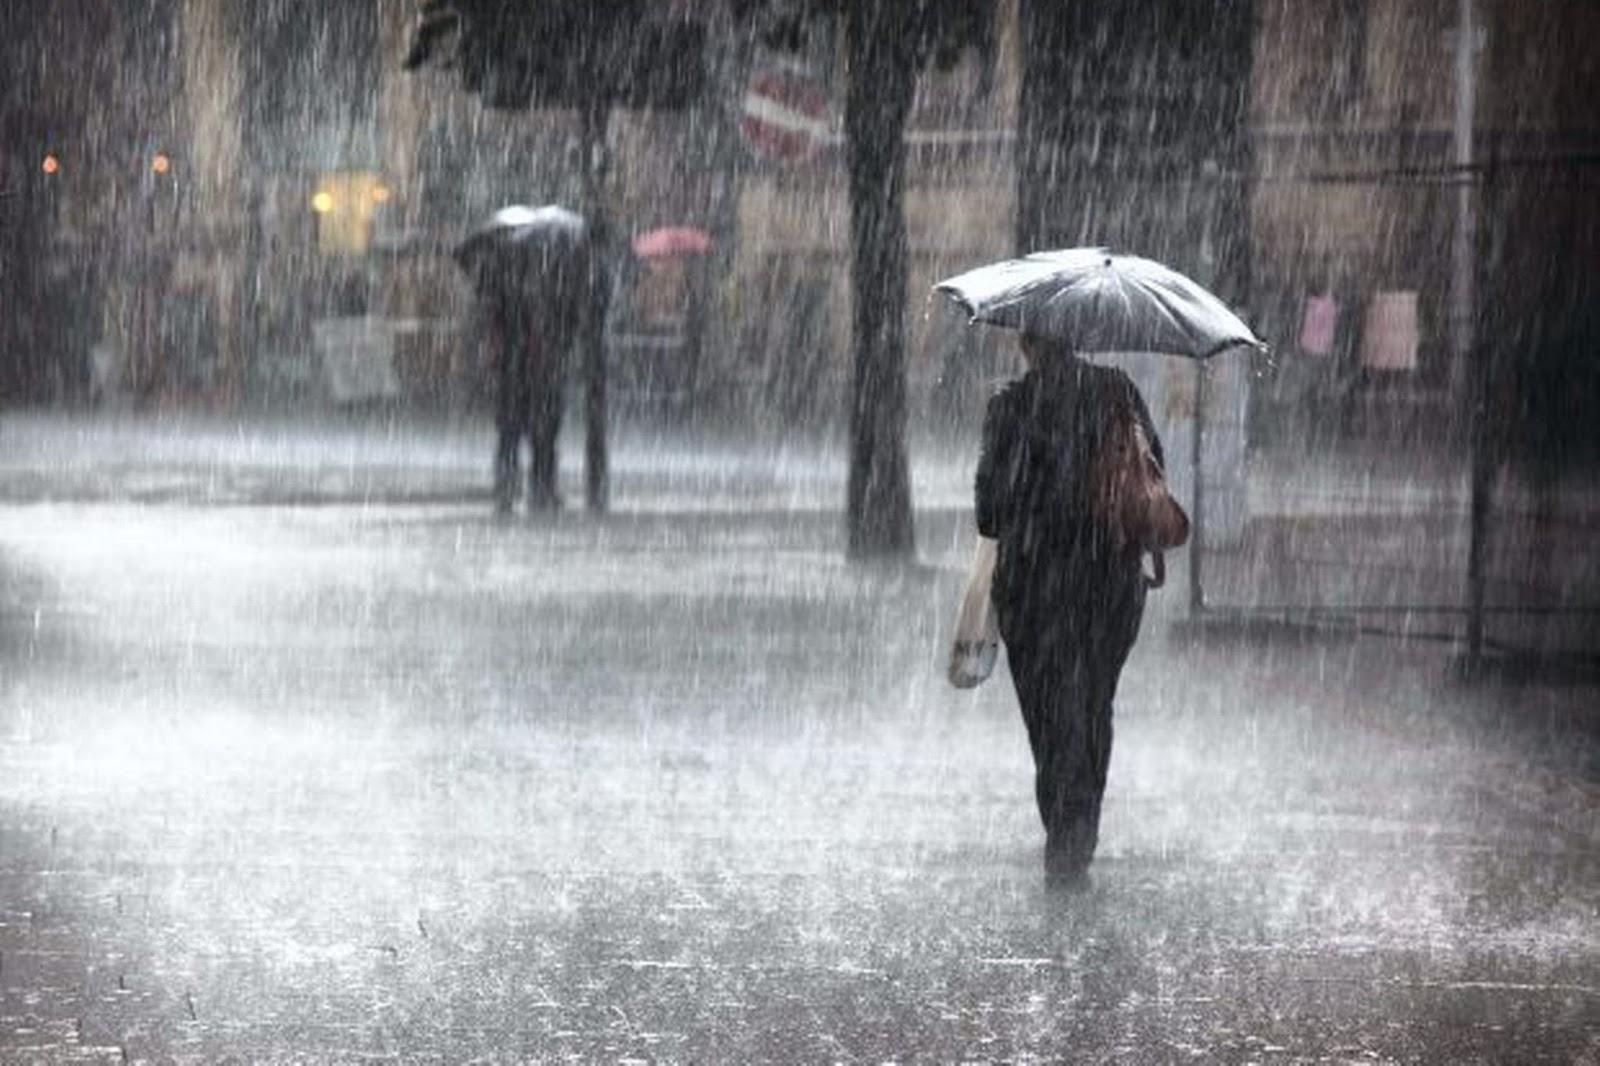 Protezione civile della regione siciliana: Continua il maltempo, si prevede il persistere di forti piogge